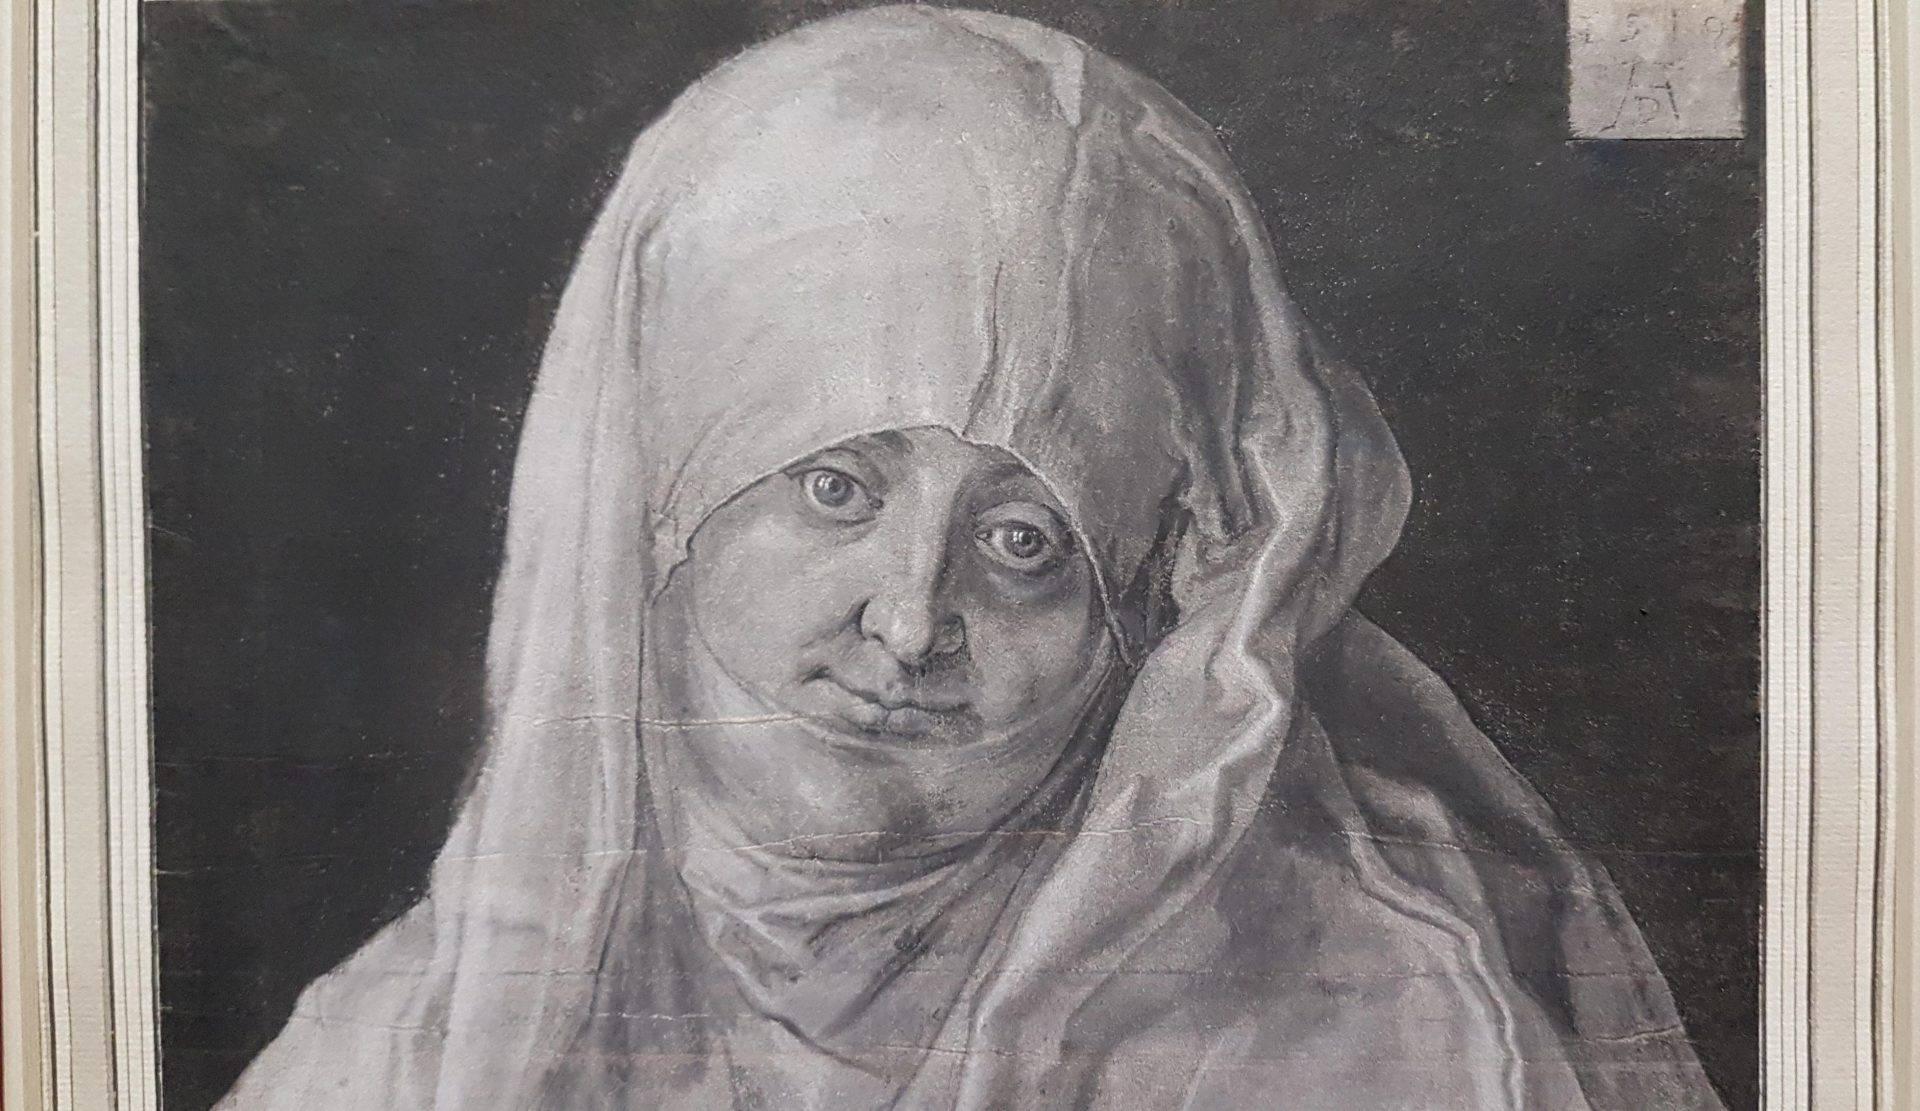 Фрагмент портрета Агнес Дюрер как святой Анны (1519) Альбрехта Дюрера в экспозиции выставки в Альбертине в Вене. Фото Art with me! e.U., 2019